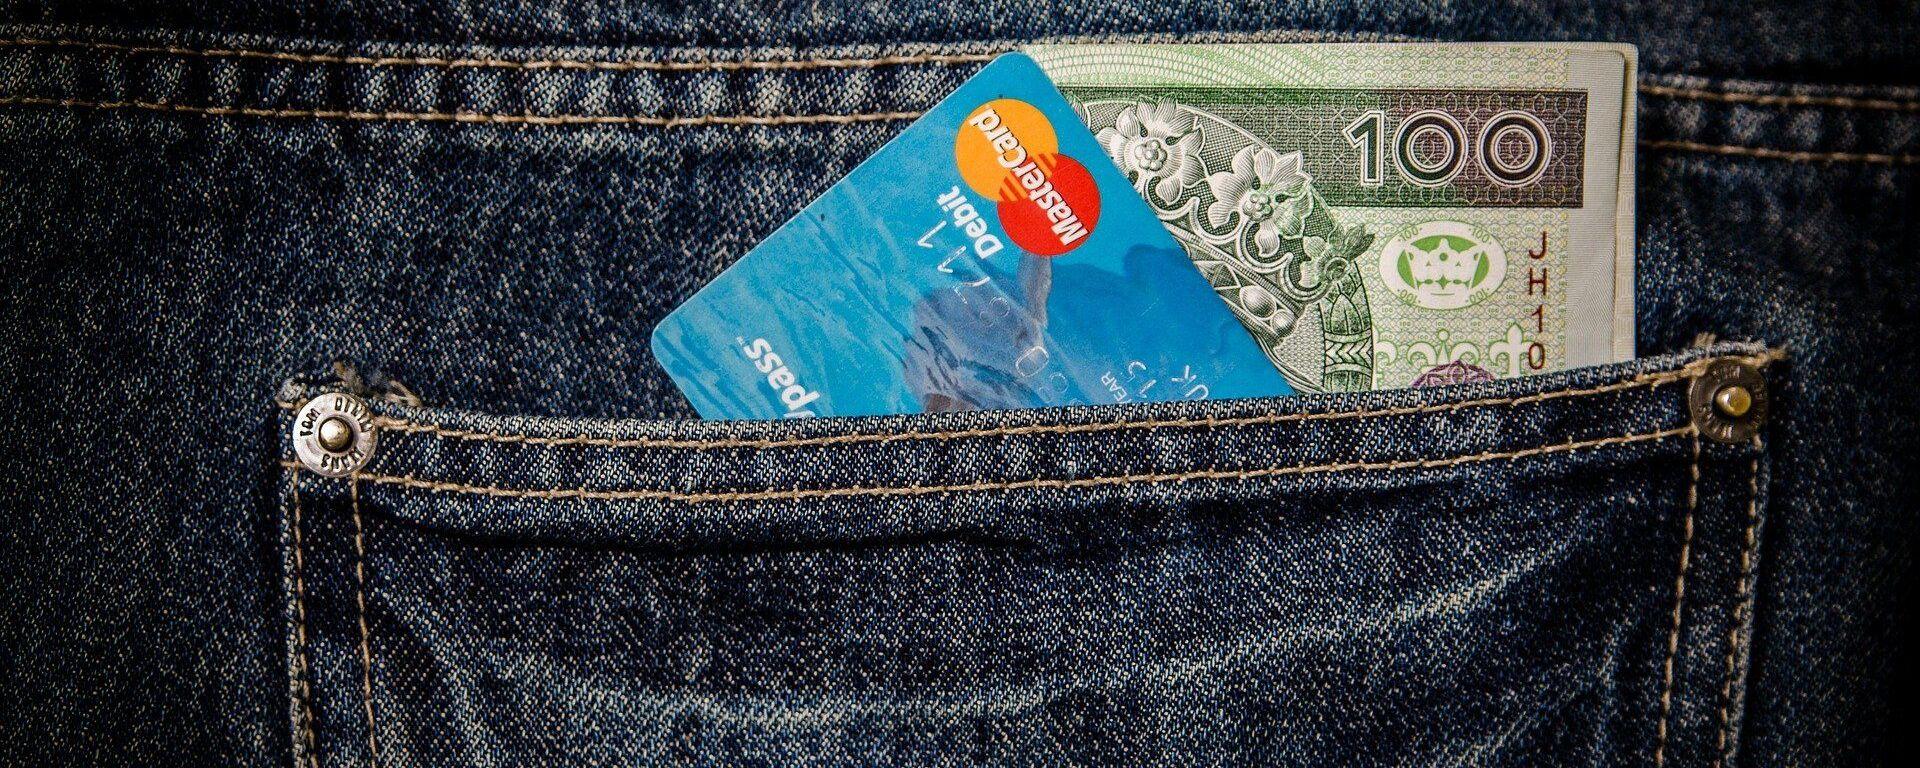 Банковская карта и деньги в заднем кармане - Sputnik Таджикистан, 1920, 08.02.2021